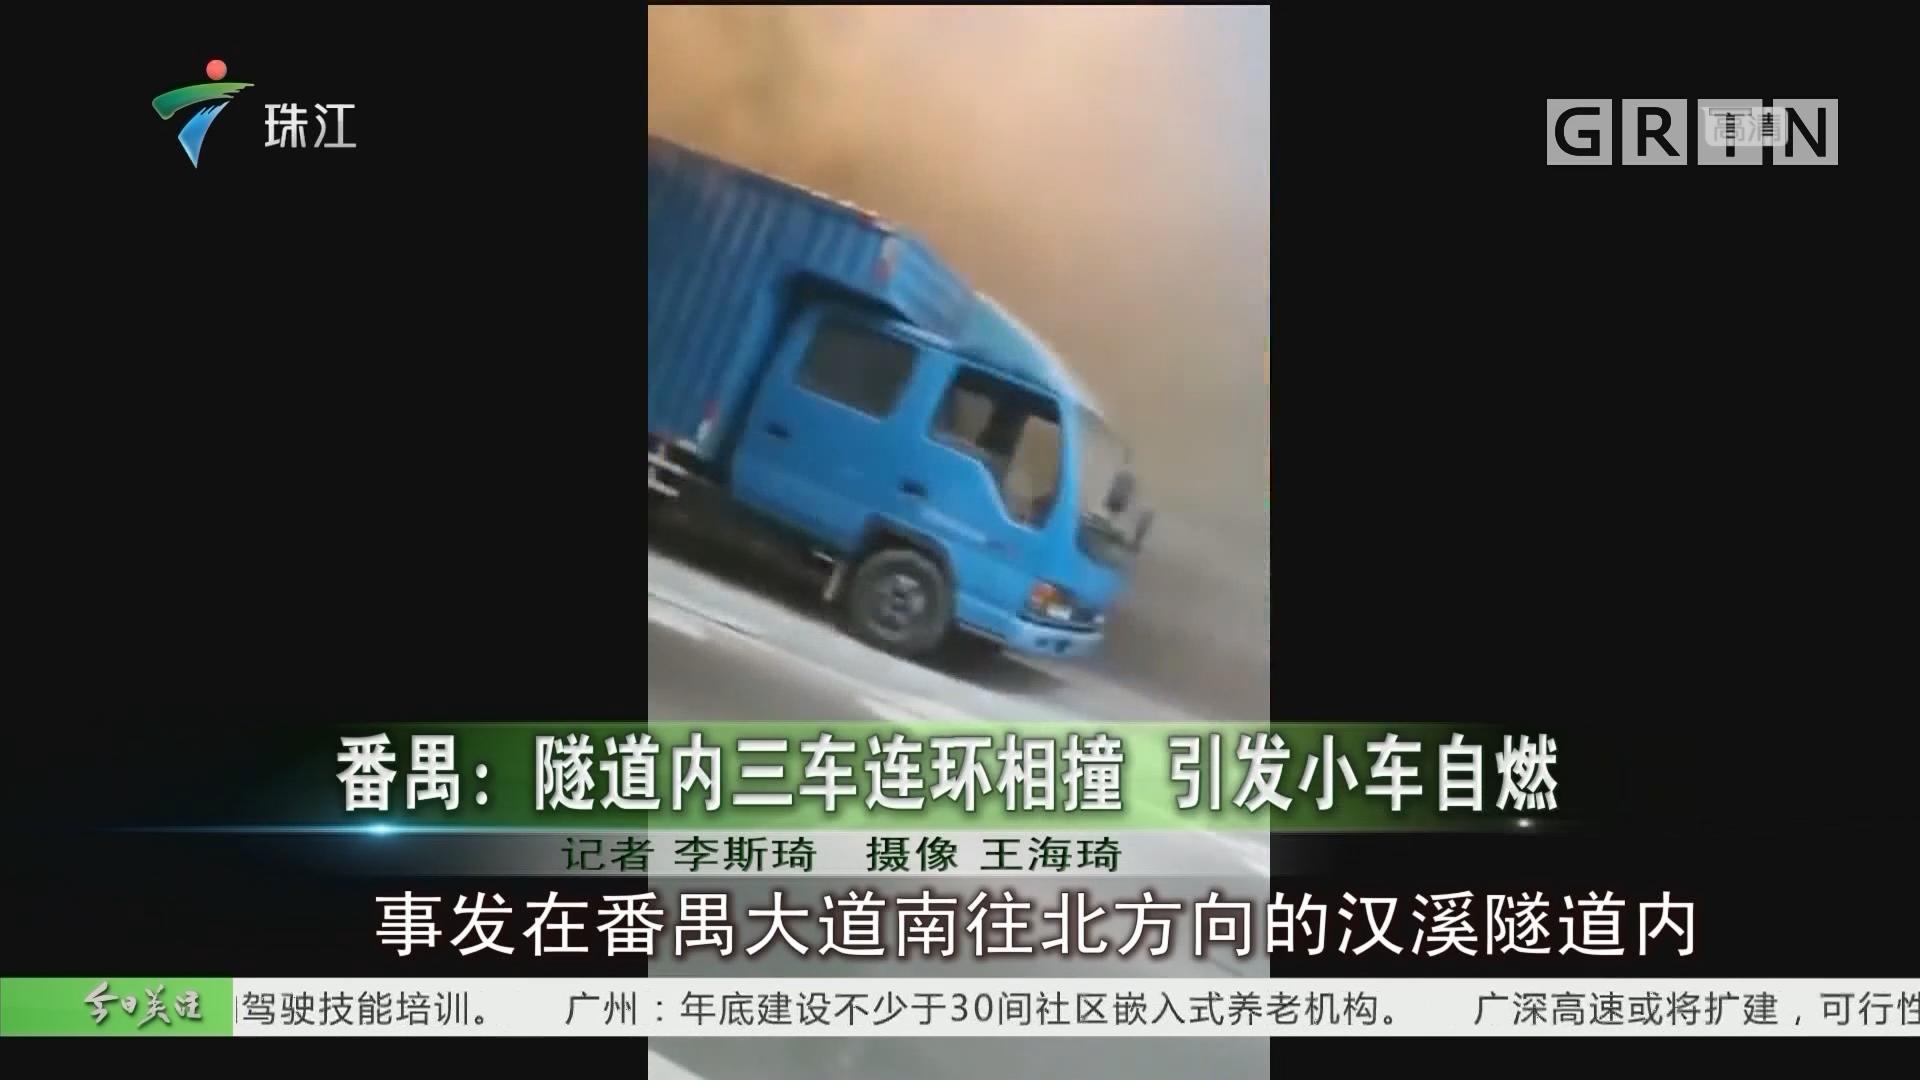 番禺:隧道内三车连环相撞 引发小车自燃